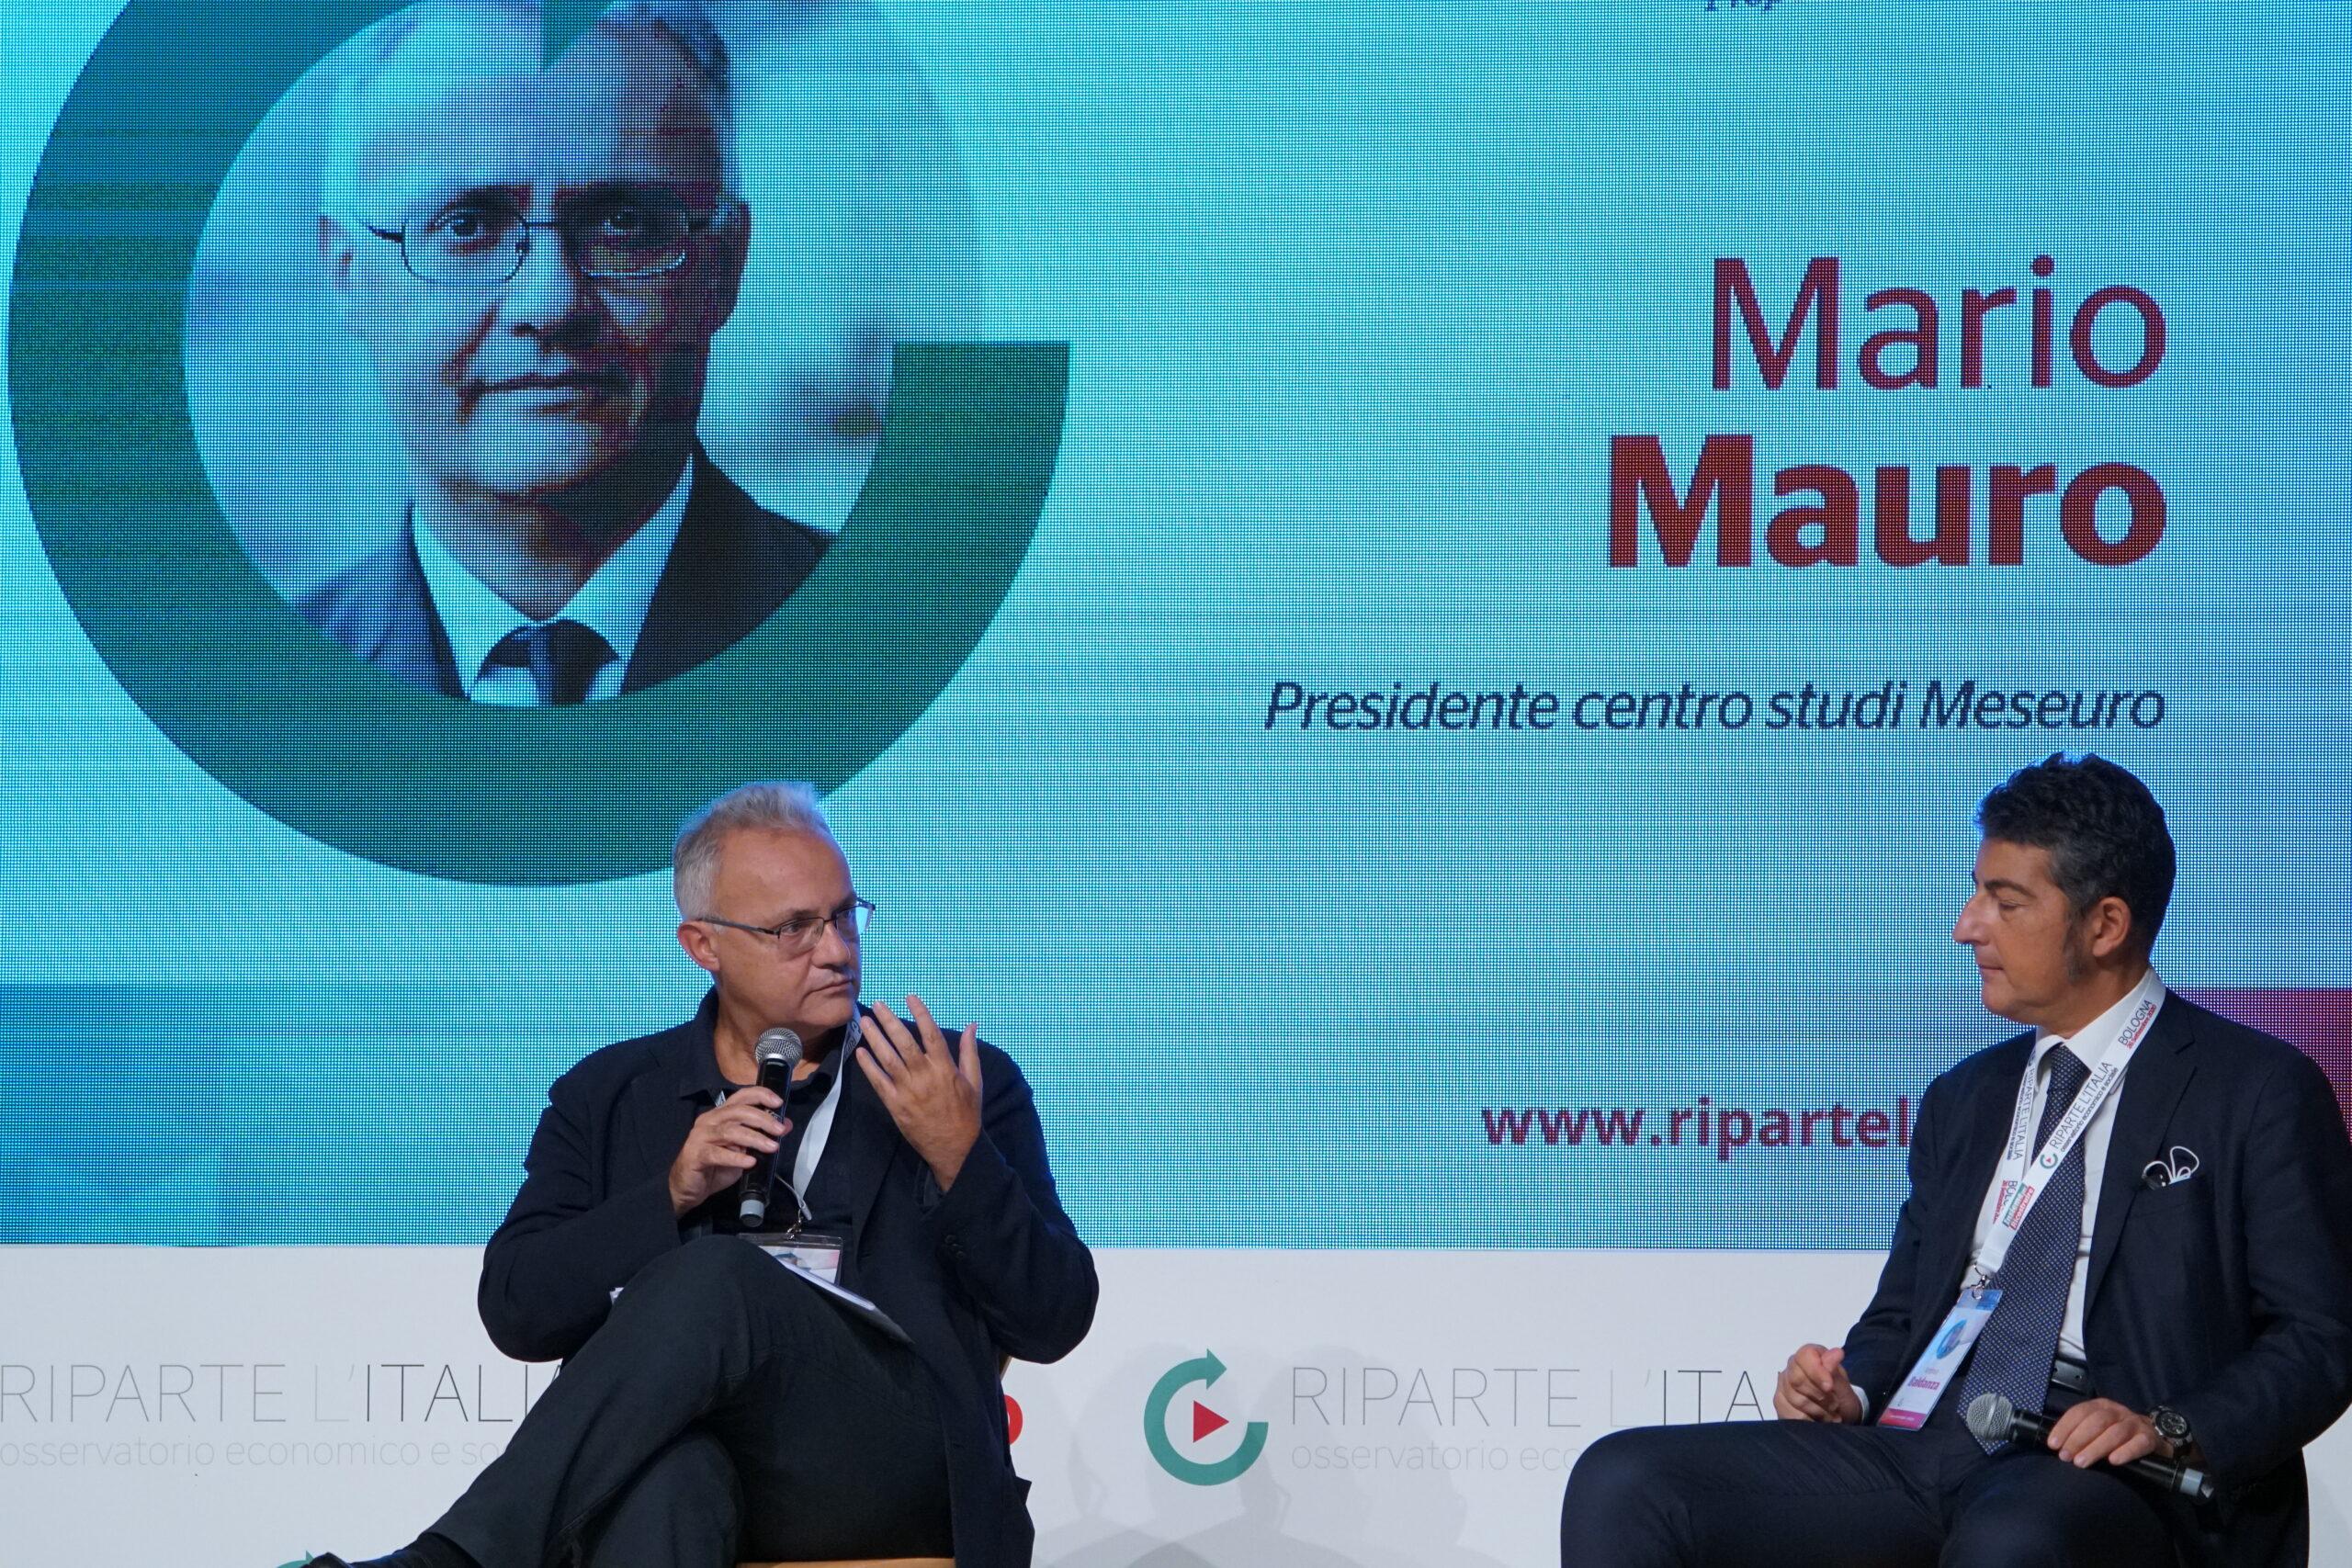 Mario Mauro Evento Bologna